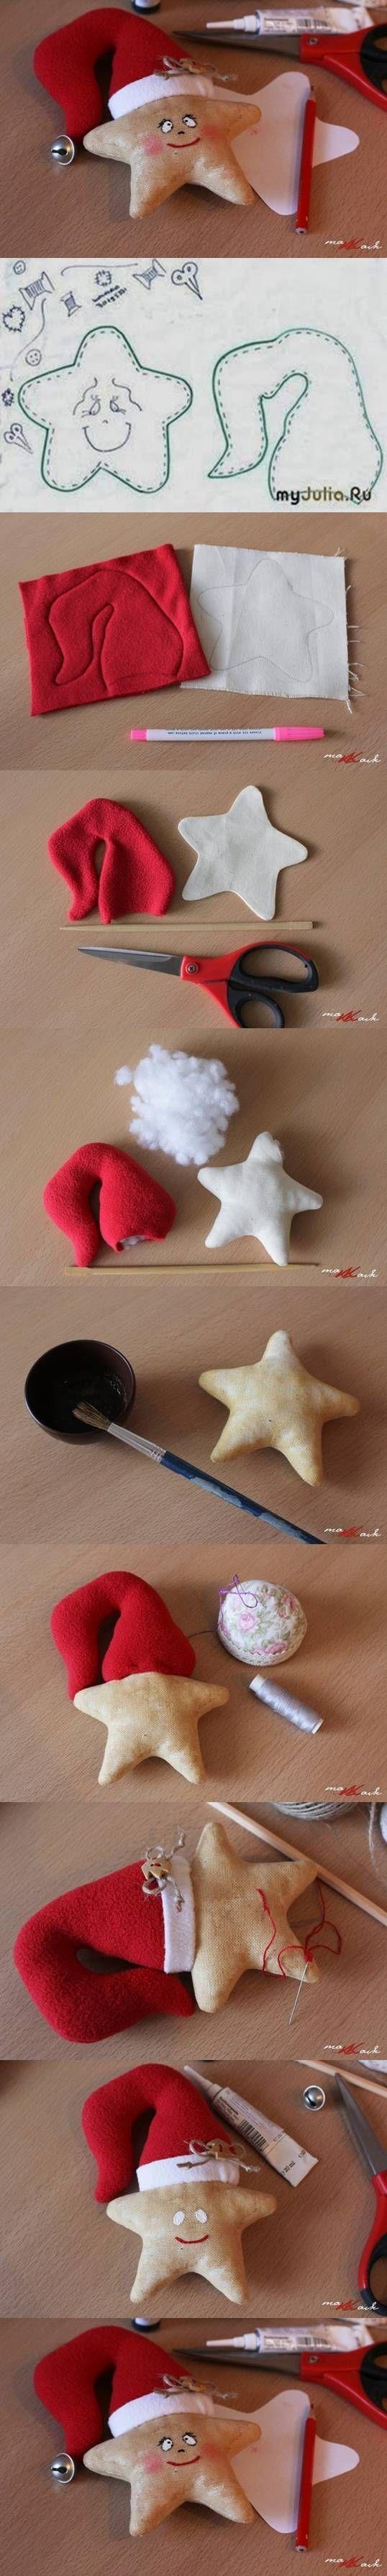 новогодняя игрушка из ткани своими руками